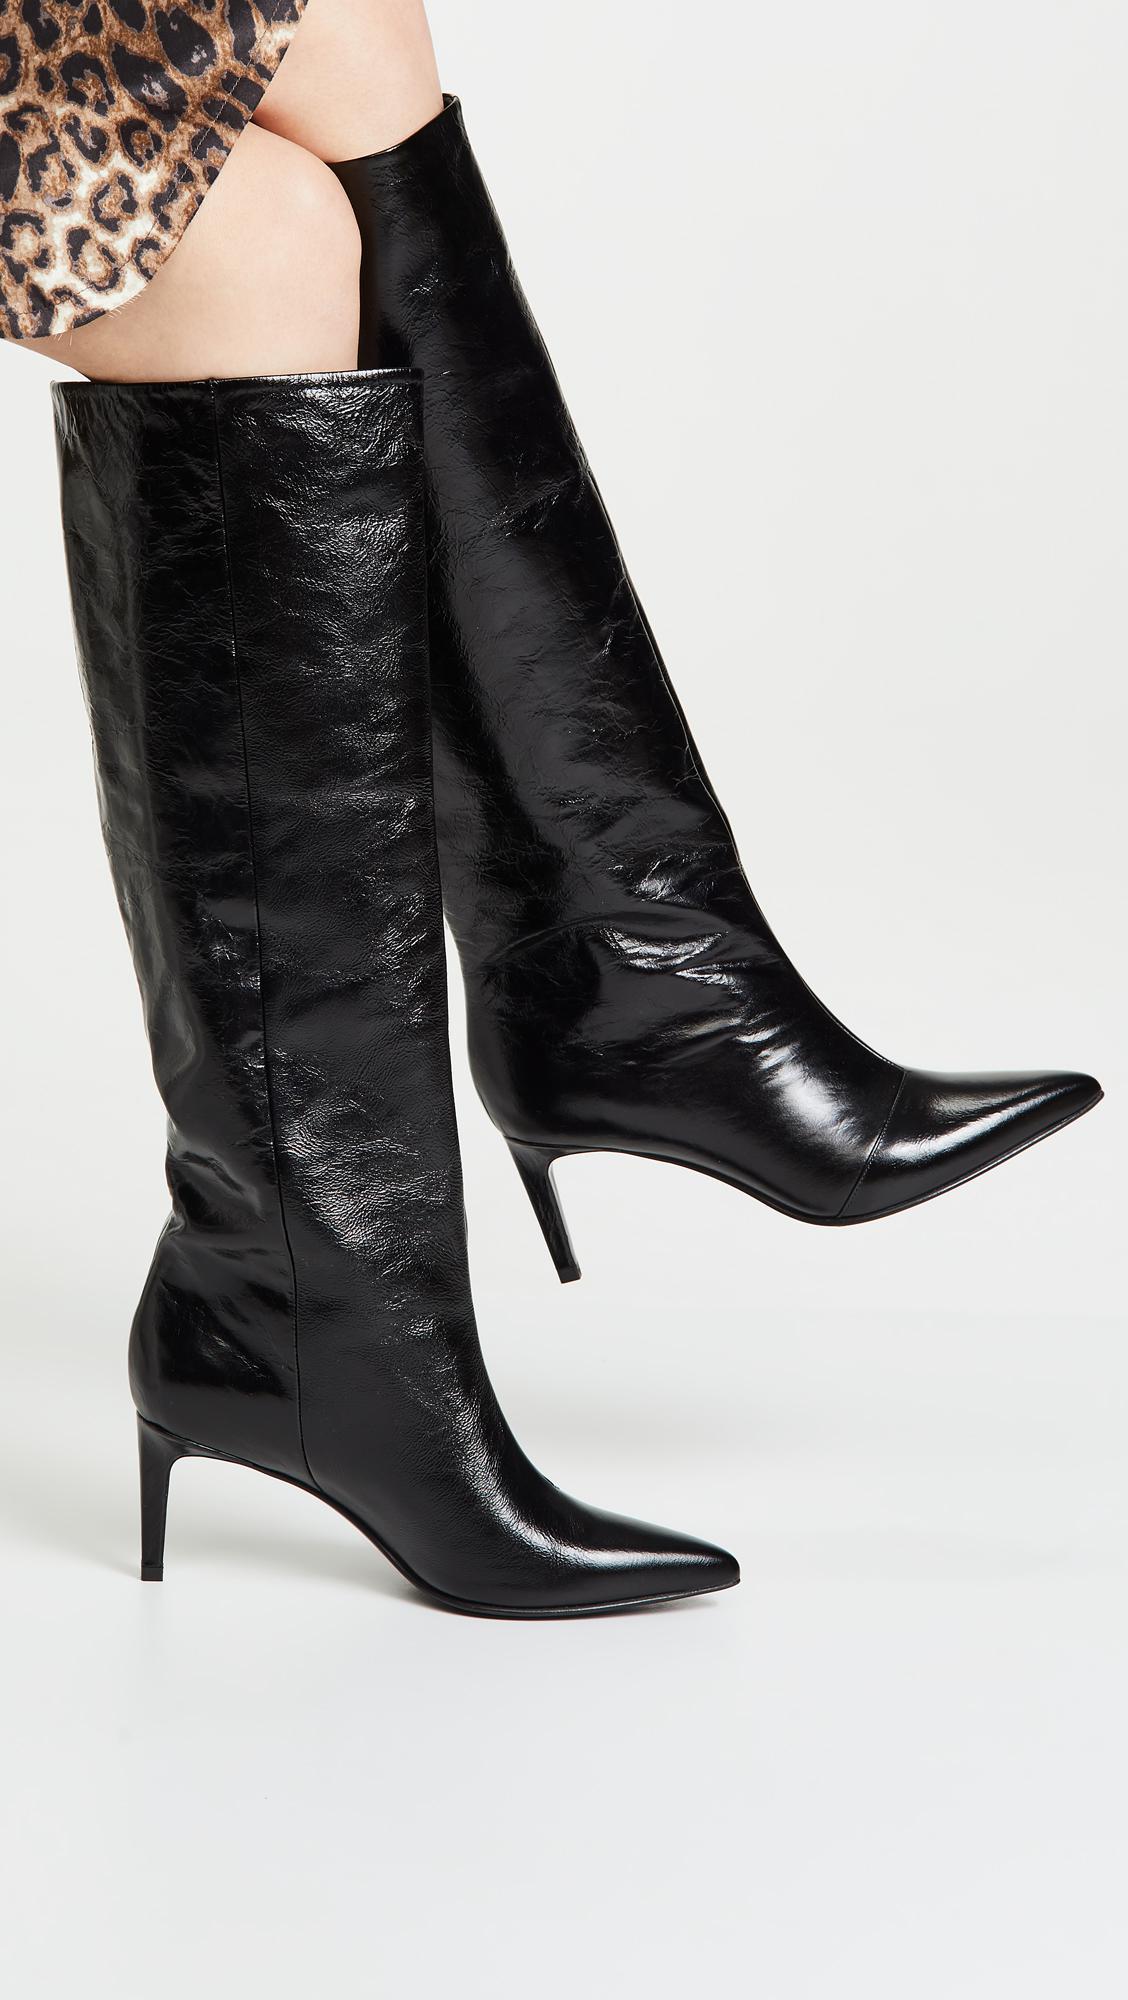 fba2ae44cfd Rag   Bone - Black Beha Knee High Boots - Lyst. View fullscreen